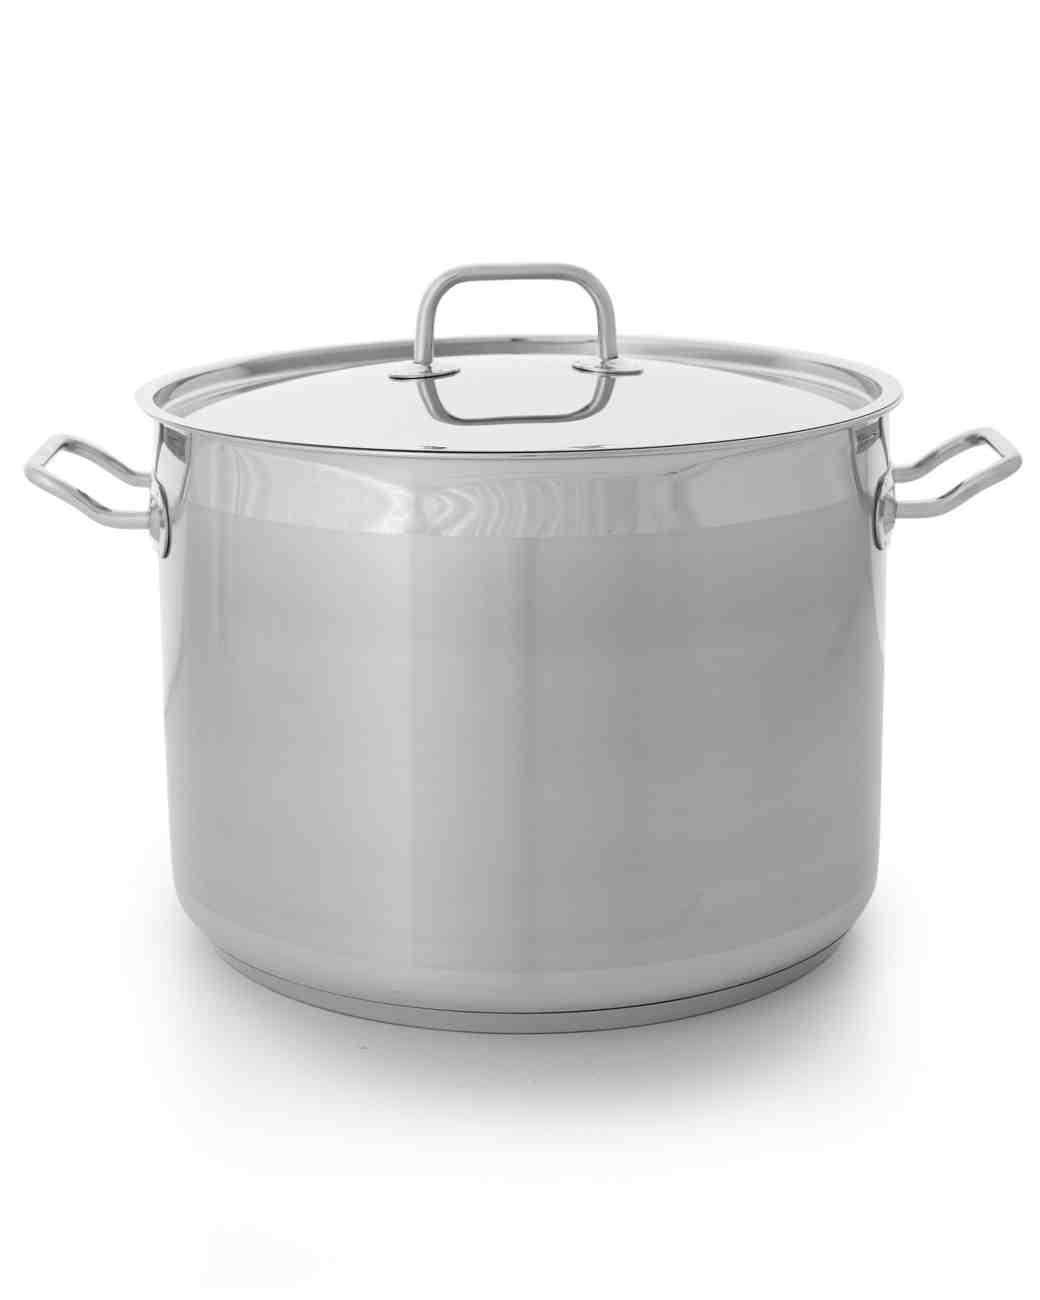 slt-stock-pot-112-mwd110671.jpg